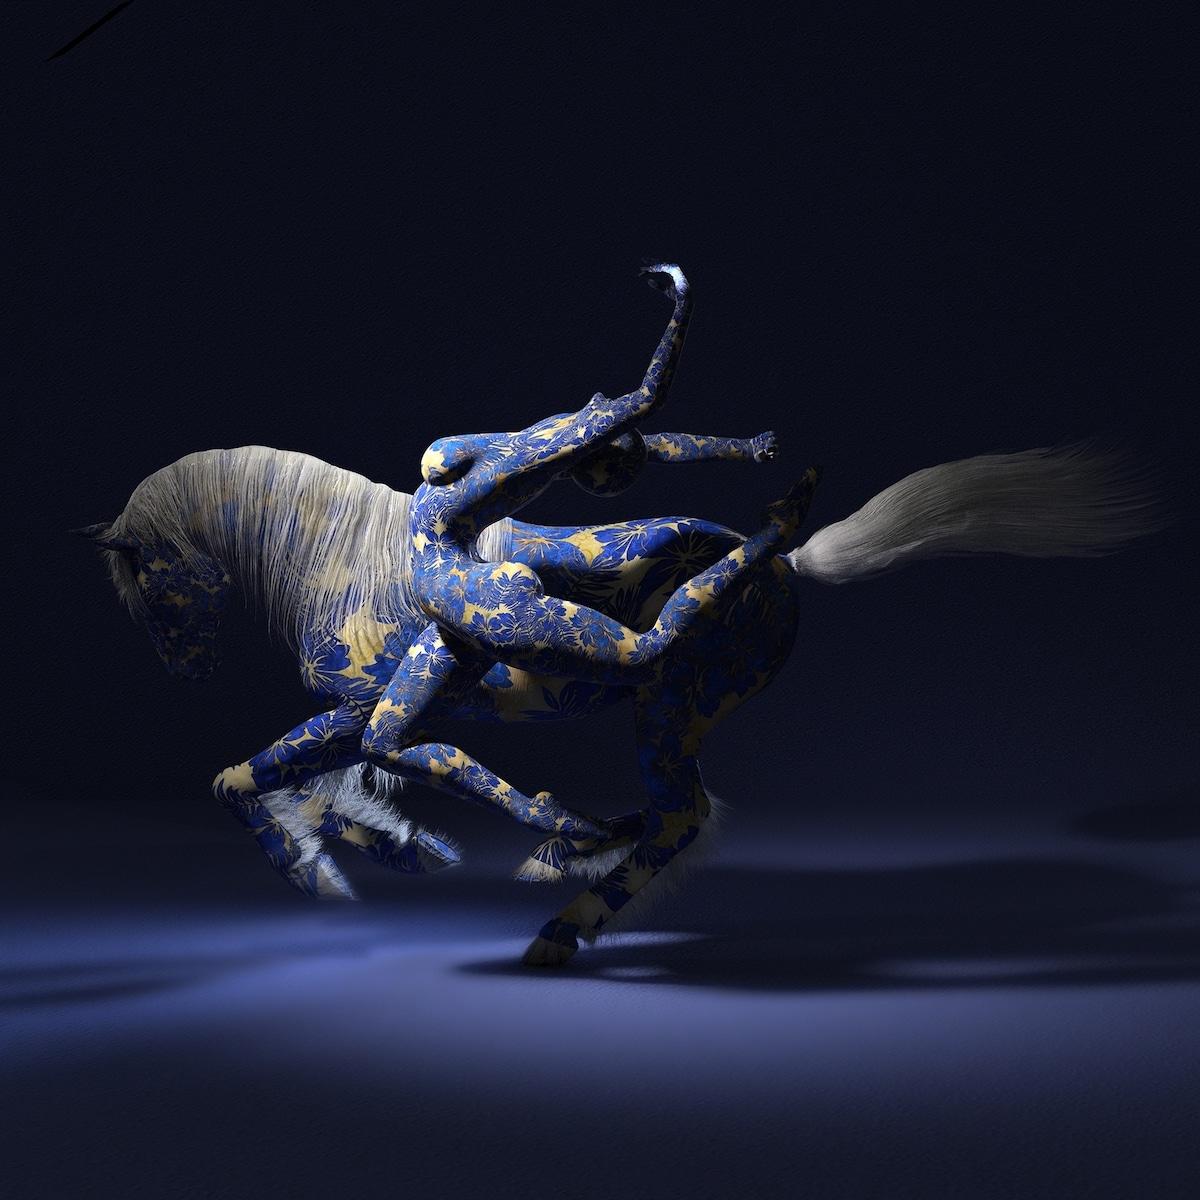 Octopus Underwater